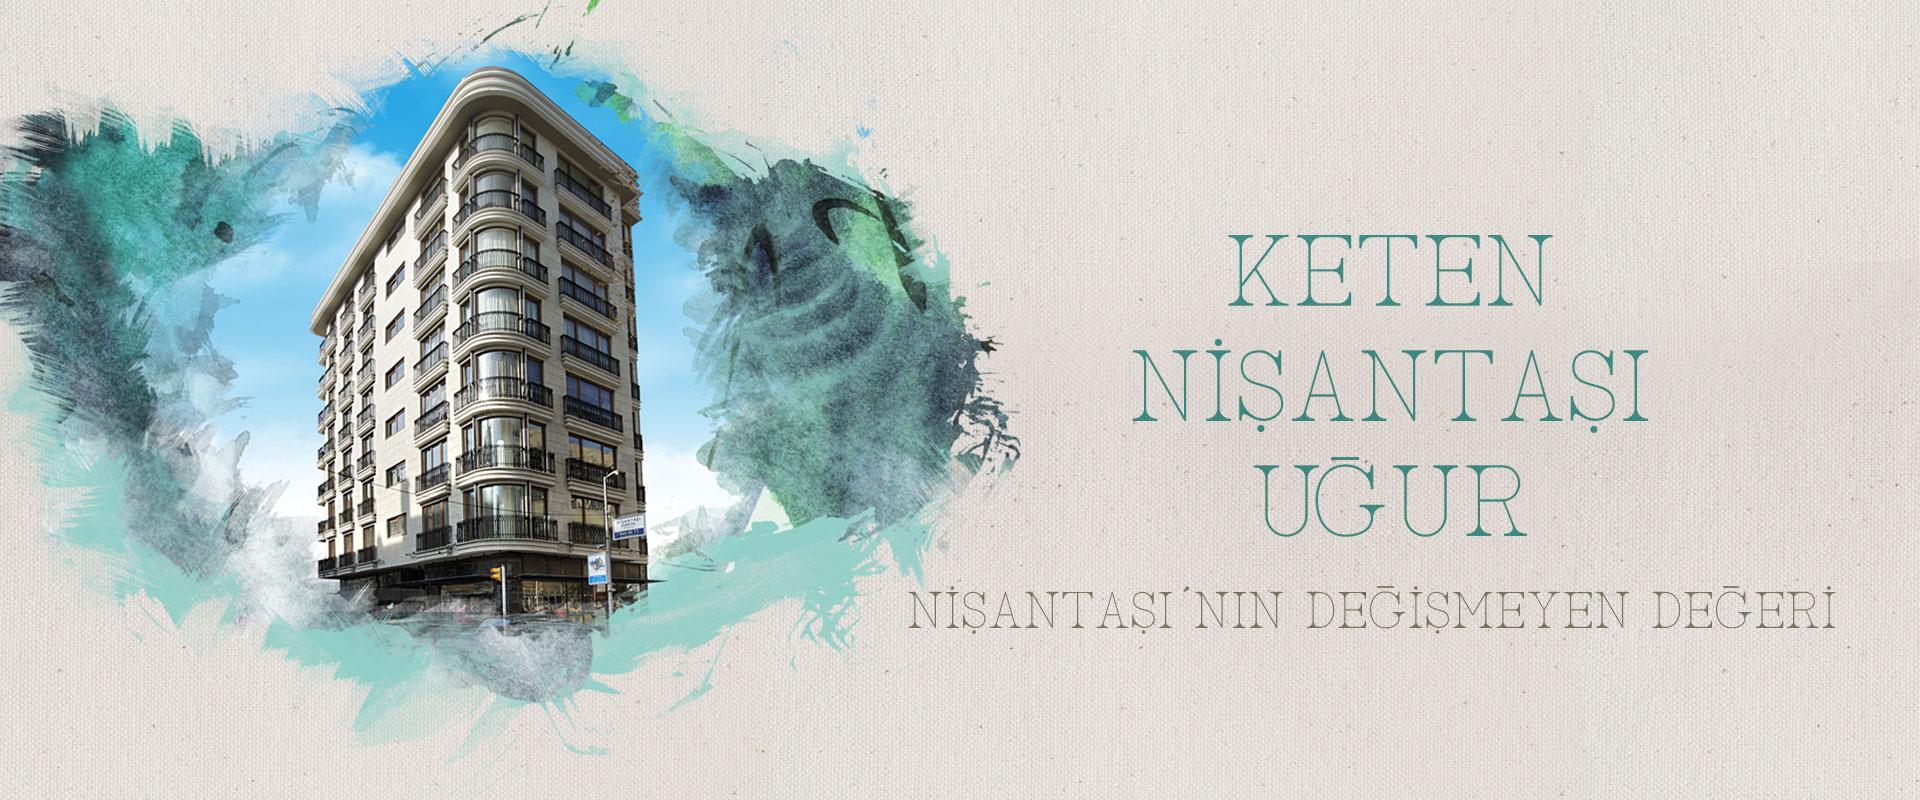 ket443_nisantasi_ugur